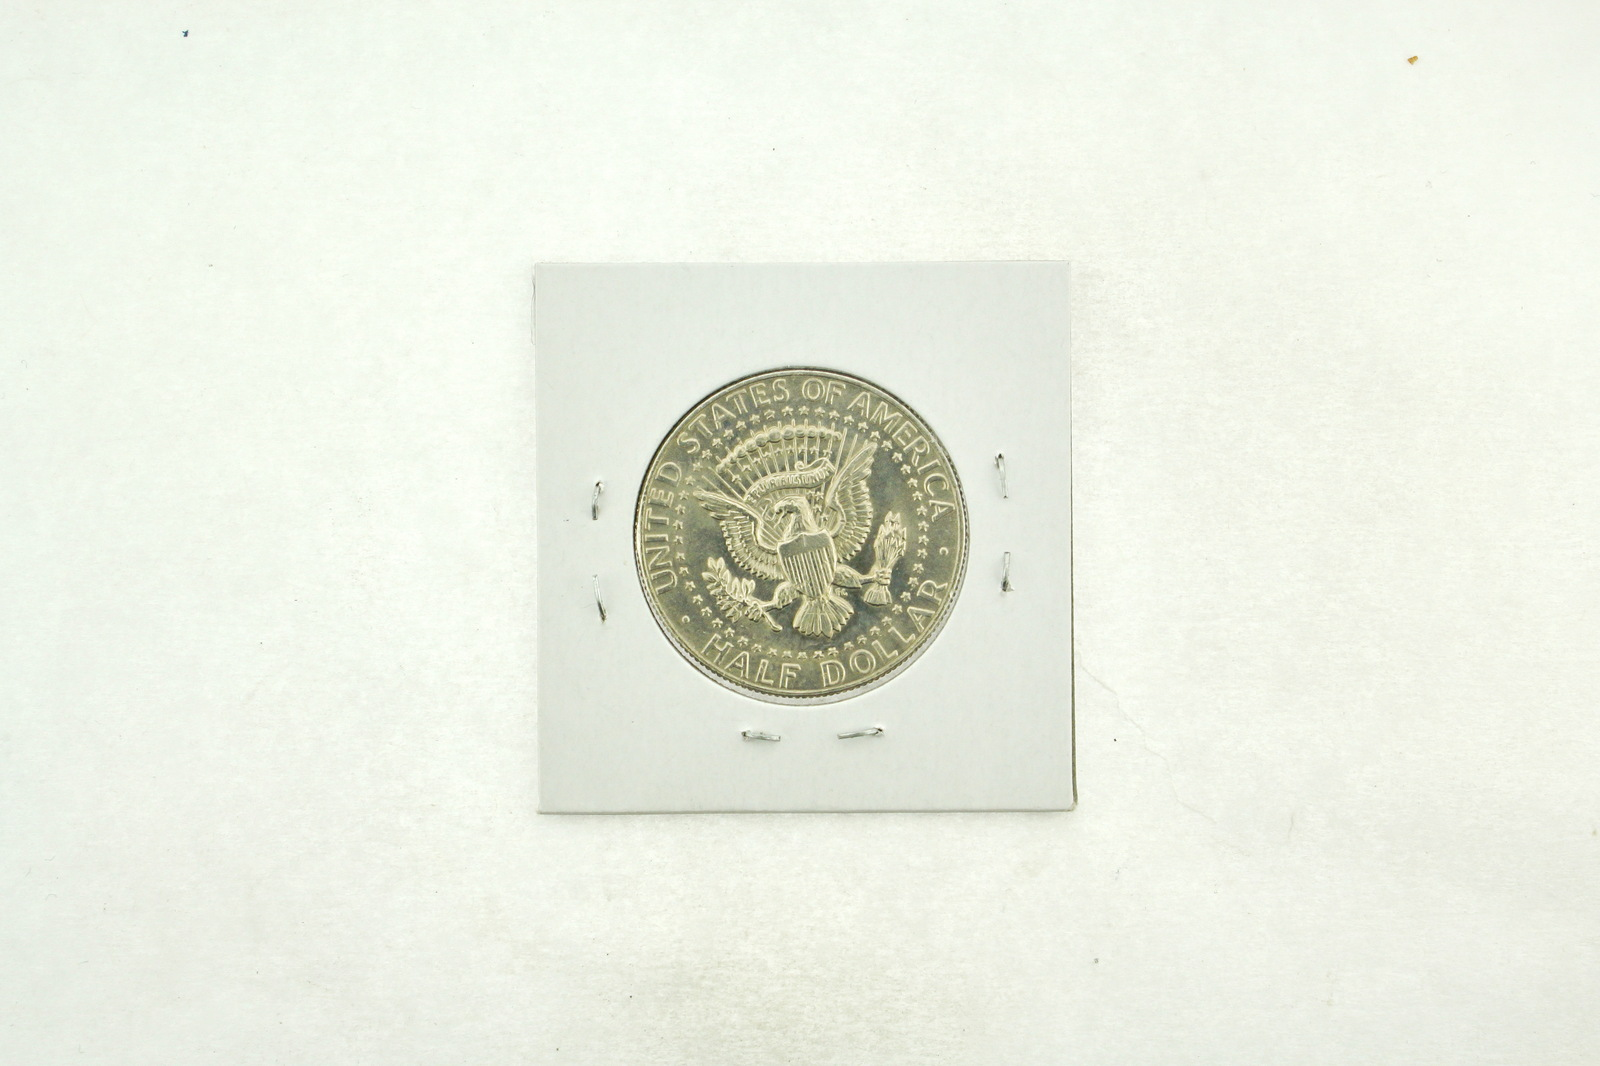 1985-D Kennedy Half Dollar (F) Fine N2-3779-2